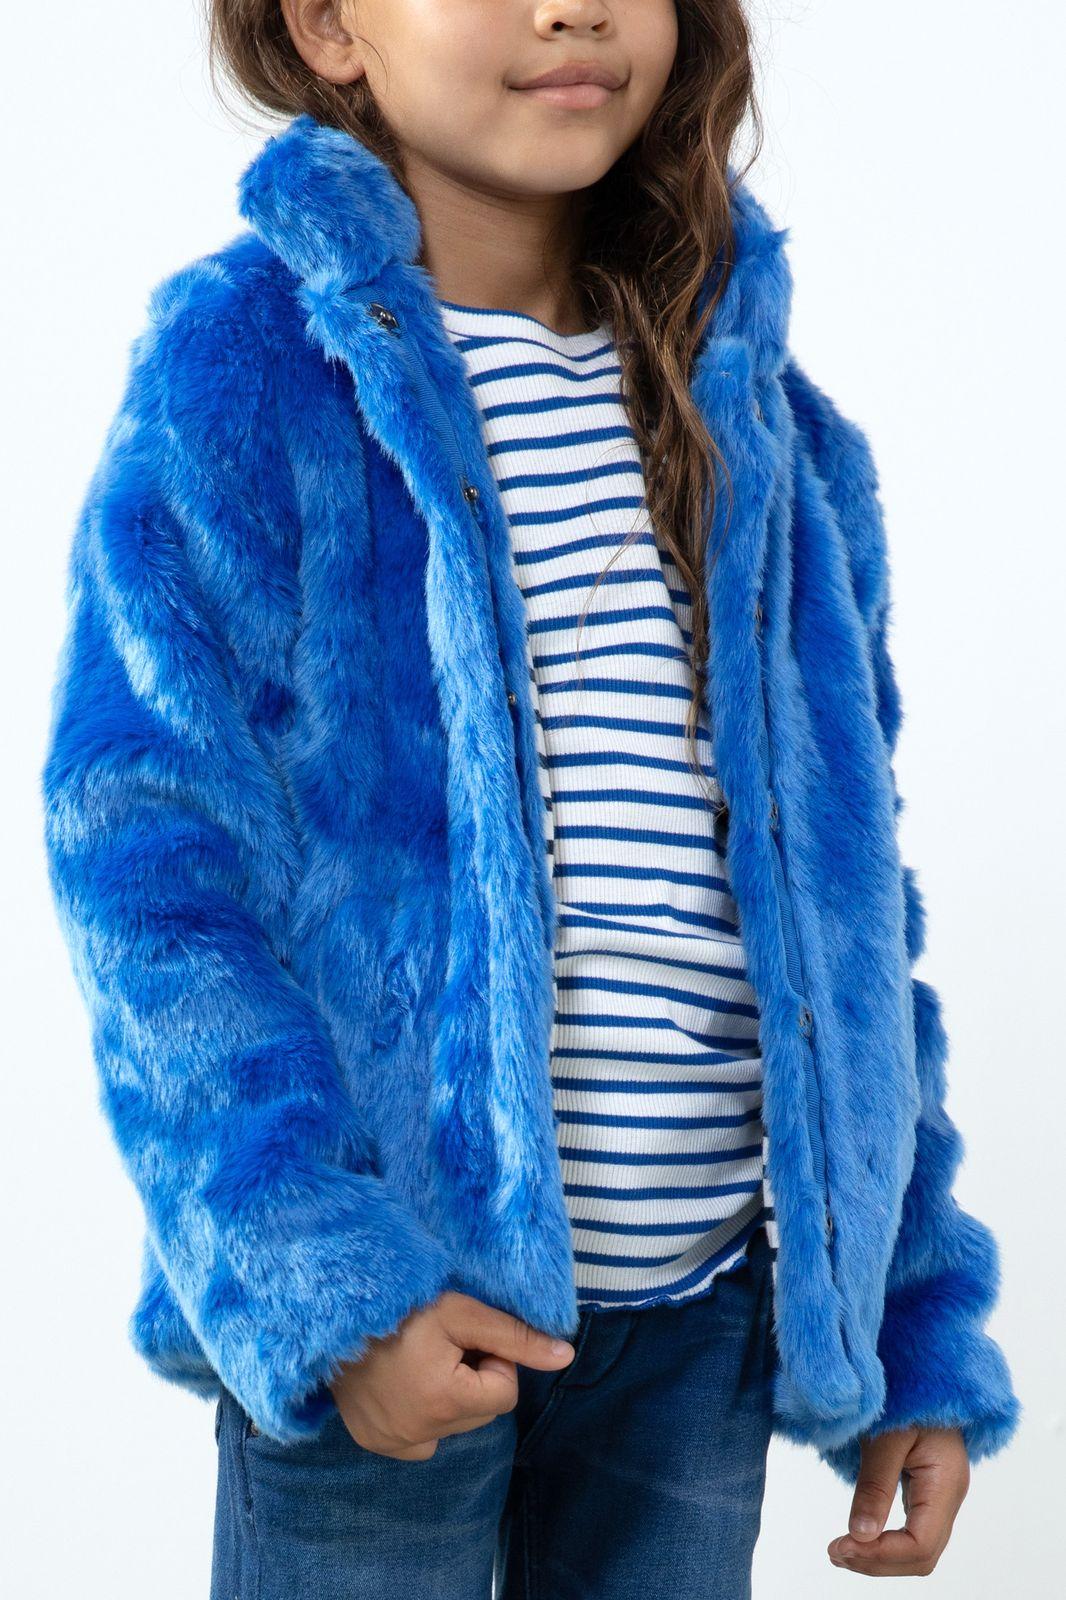 Blauwe faux fur jas